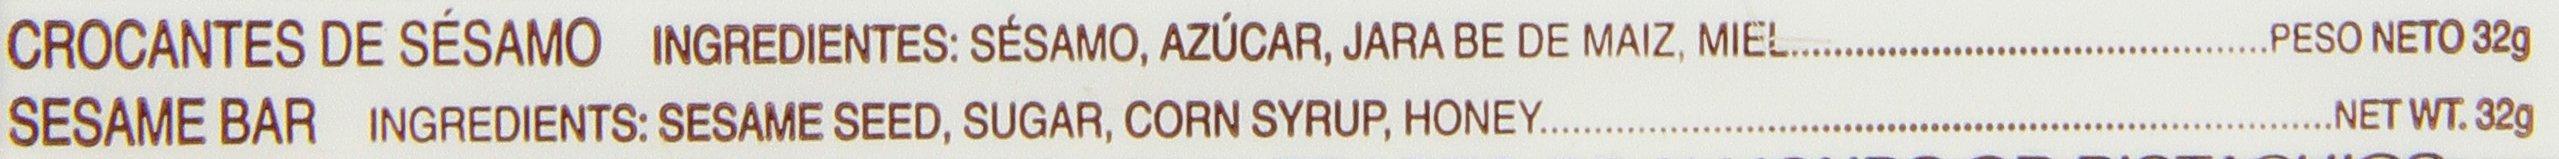 Joyva Sesame Bars, 1.125-Ounce Bars (Pack of 36) by Joyva (Image #3)